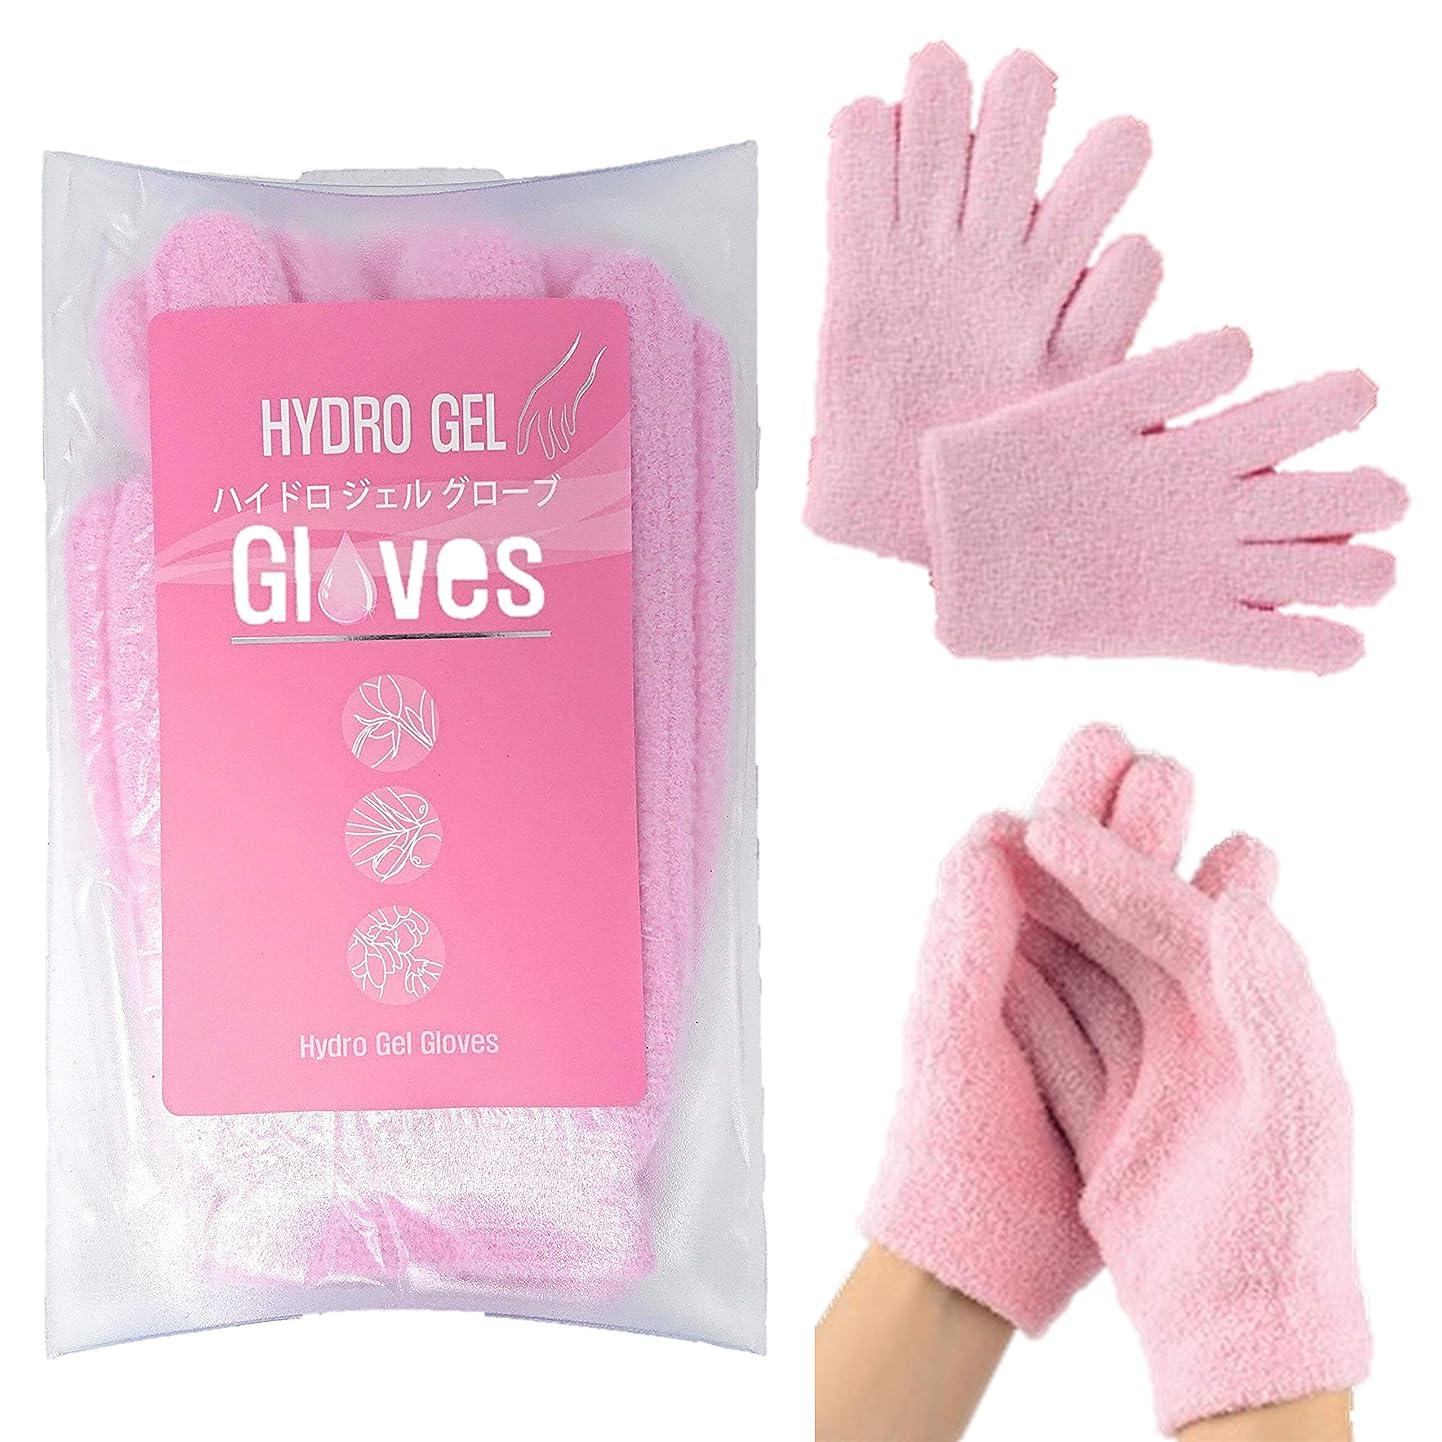 化粧出席留め金美容 保湿 手袋 Mediet ハイドロ ジェル グローブ フリーサイズ 肌のカサカサ 痒み 防止 緩和